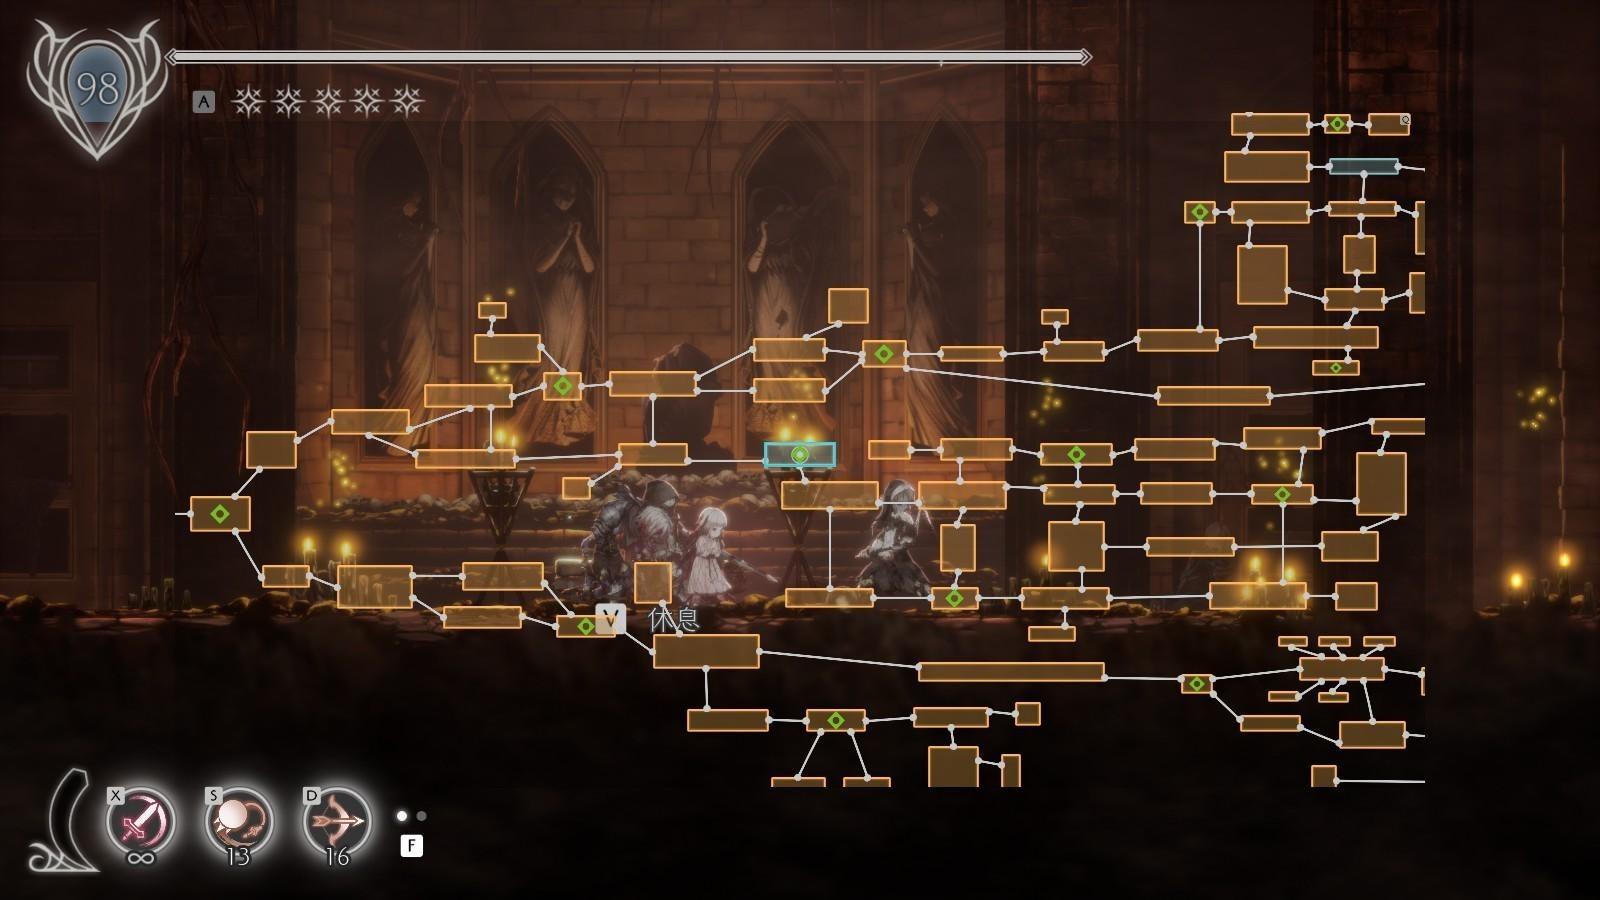 游戏《终结者莉莉:骑士救赎》体验过后关于小地图的一些迭代看法 (5)